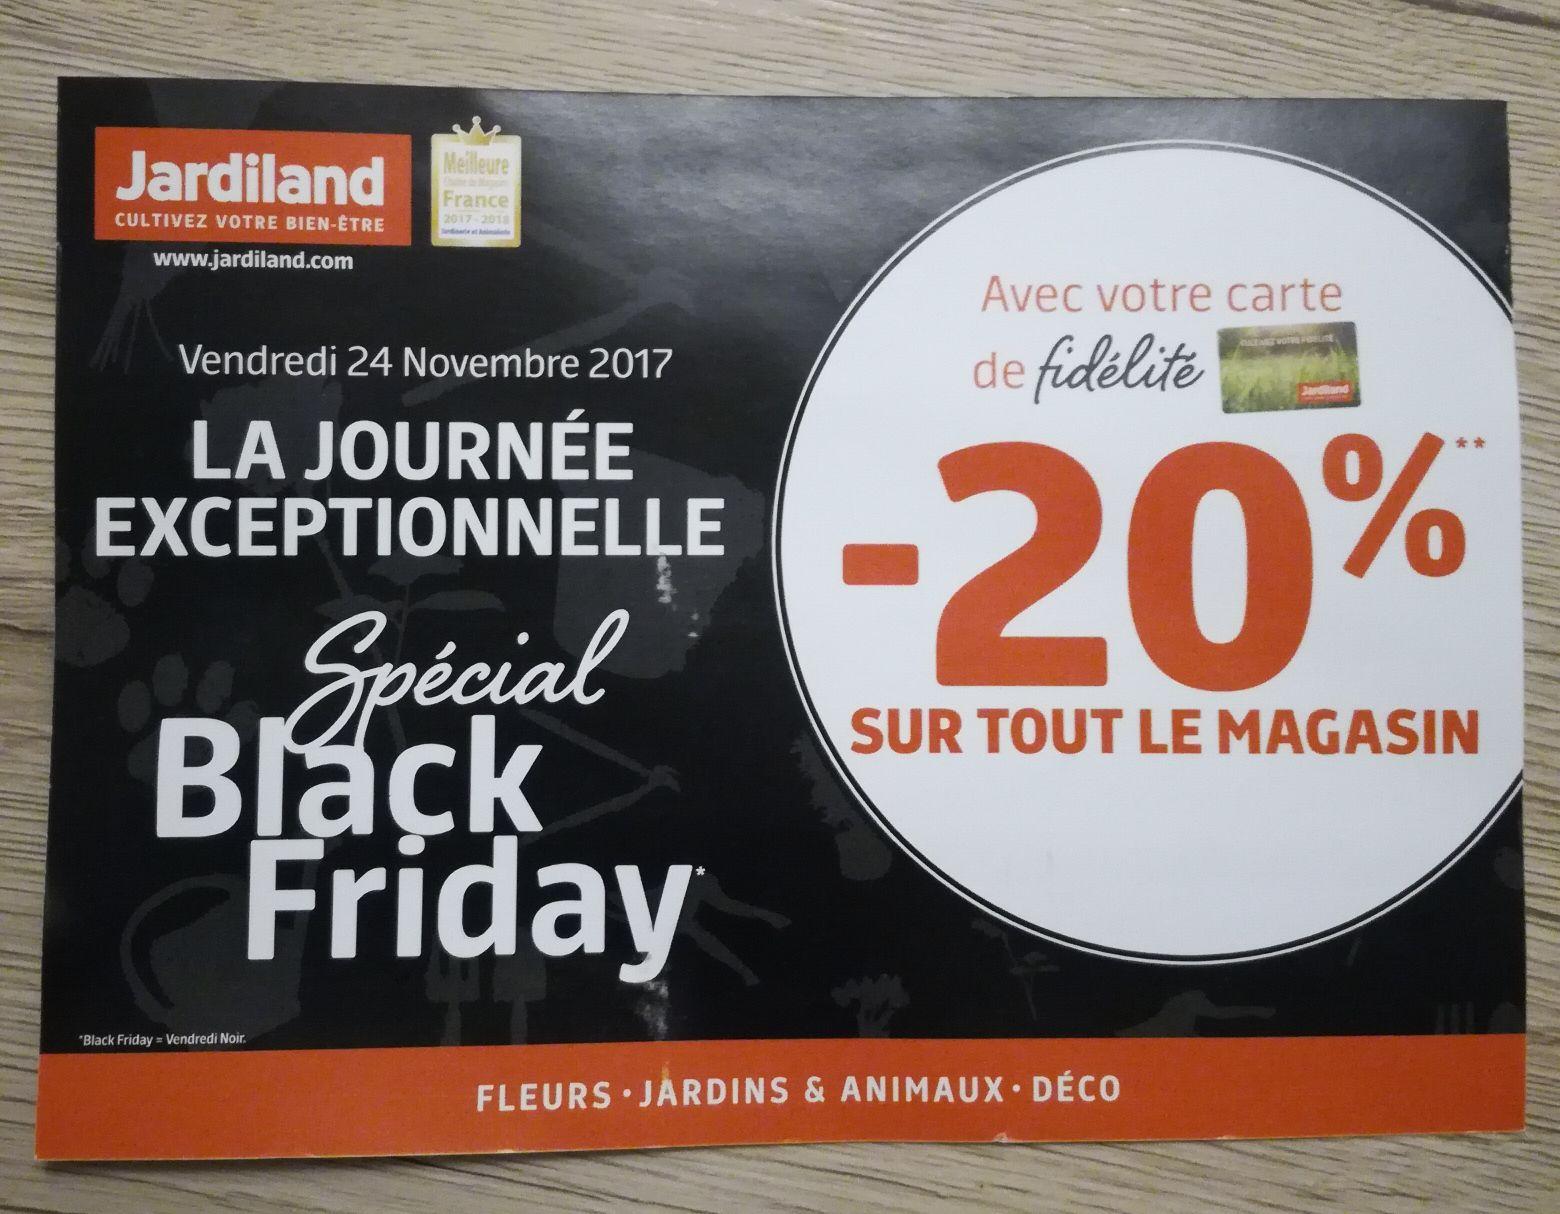 [Carte fidélité] 20% de réduction sur tout le magasin  (hors produits culturels, alimentaire ...) - Rennes-Cap Malo (35)